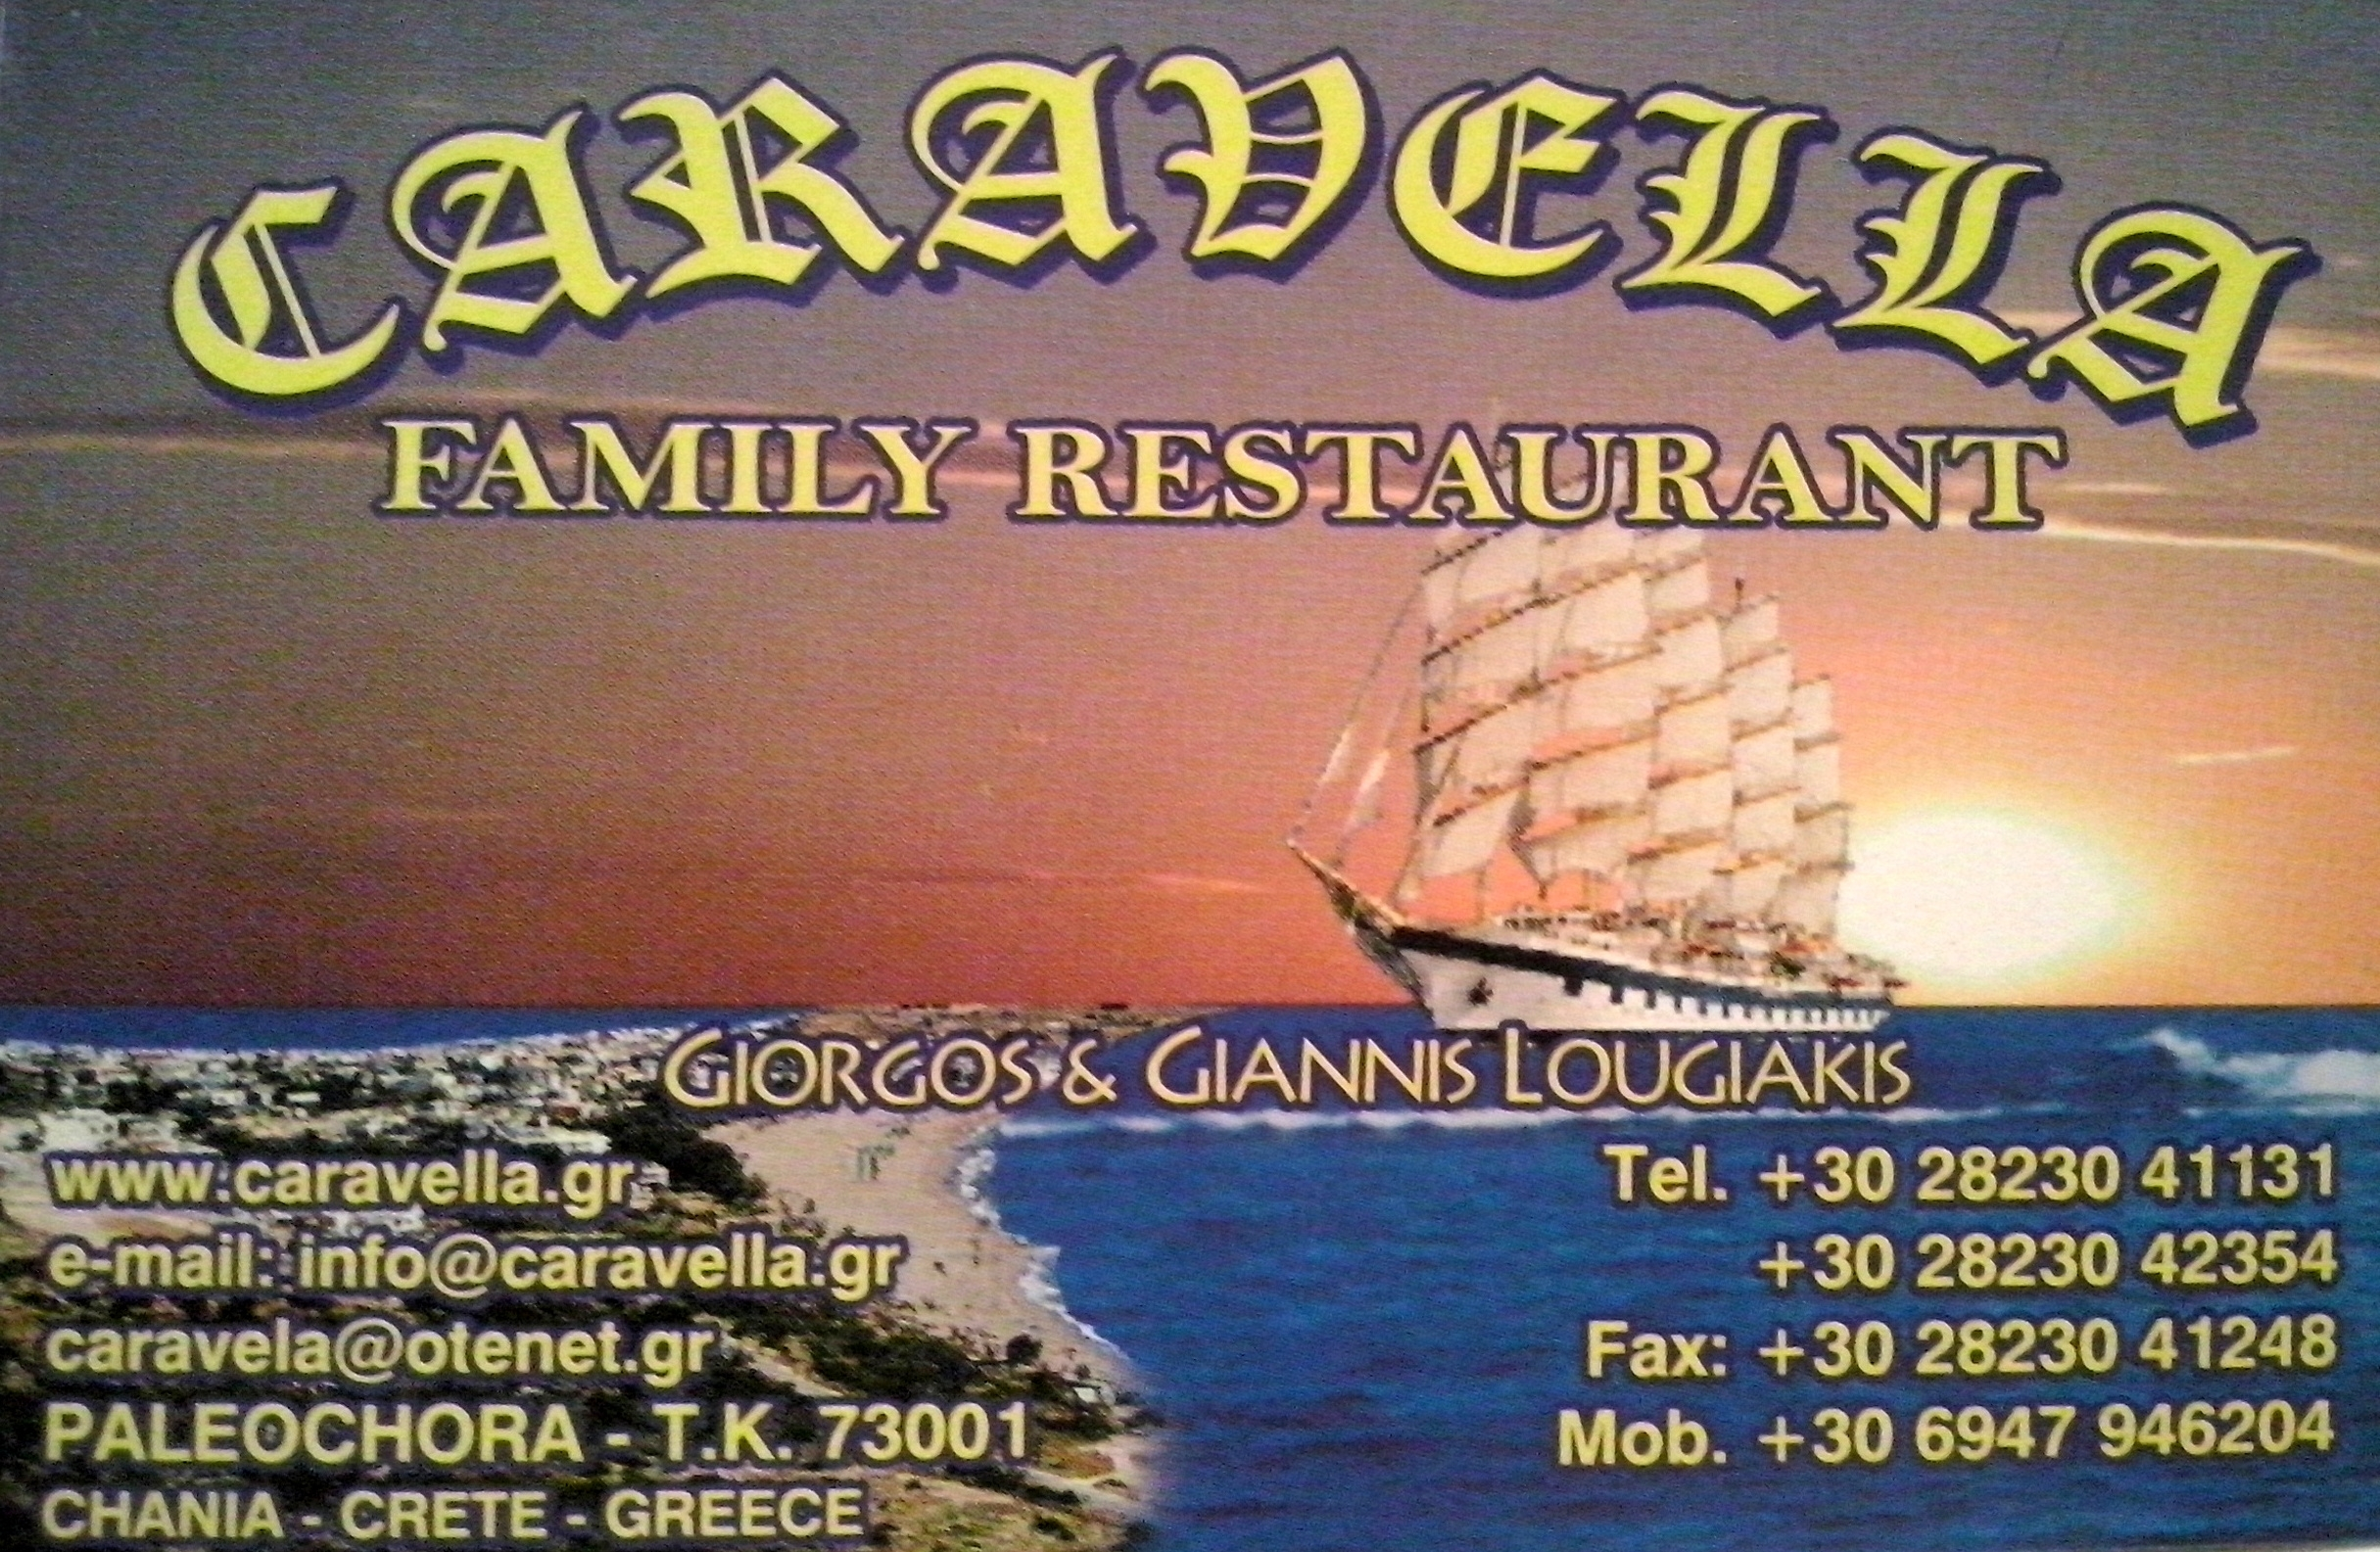 Caravella Restaurant 1